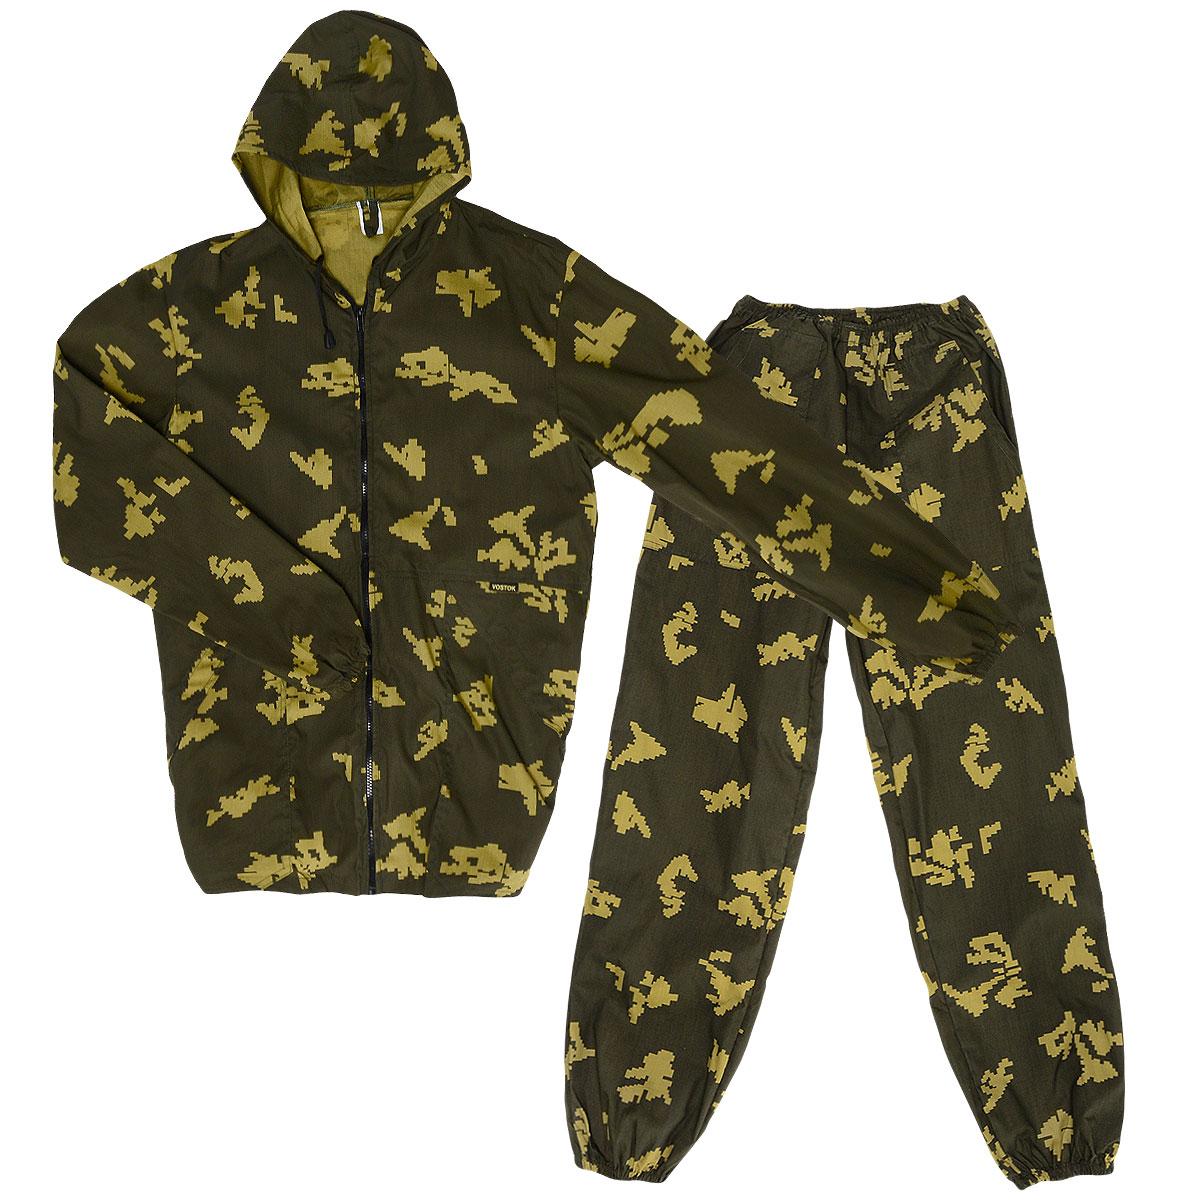 Костюм маскировочный мужской Снайпер, цвет: хаки. VSN-P. Размер 52-54VSN-PКостюм маскировочный мужской Norfin Снайпер, состоящий из куртки и брюк, - отличный костюм для любого отдыха в жаркую погоду, в том числе активного (от +12 до +25°С). Прочный материал благодаря хлопку дышит, а полиэстер дает прочность. Куртка свободного кроя с капюшоном застегивается по всей длине на пластиковую застежку-молнию. Капюшон не отстегивается и дополнен скрытым шнурком. Низ рукавов и низ изделия дополнены внутренней эластичной резинкой. Спереди модель дополнена двумя накладными карманами под планкой. На левом рукаве также предусмотрен накладной карман с клапаном на липучке. Брюки свободного кроя на талии дополнены эластичным поясом со скрытым шнурком. Низ брючин дополнен внутренней резинкой. Спереди предусмотрены два вместительных накладных кармана. Костюм выполнен в маскировочной расцветке «Пограничник».УВАЖАЕМЫЕ КЛИЕНТЫ!Обращаем ваше внимание, что костюм поставляется в двух оттенках цвета хаки. Оба варианта оттенка представлены на фото. Поставка осуществляется в зависимости от наличия на складе.